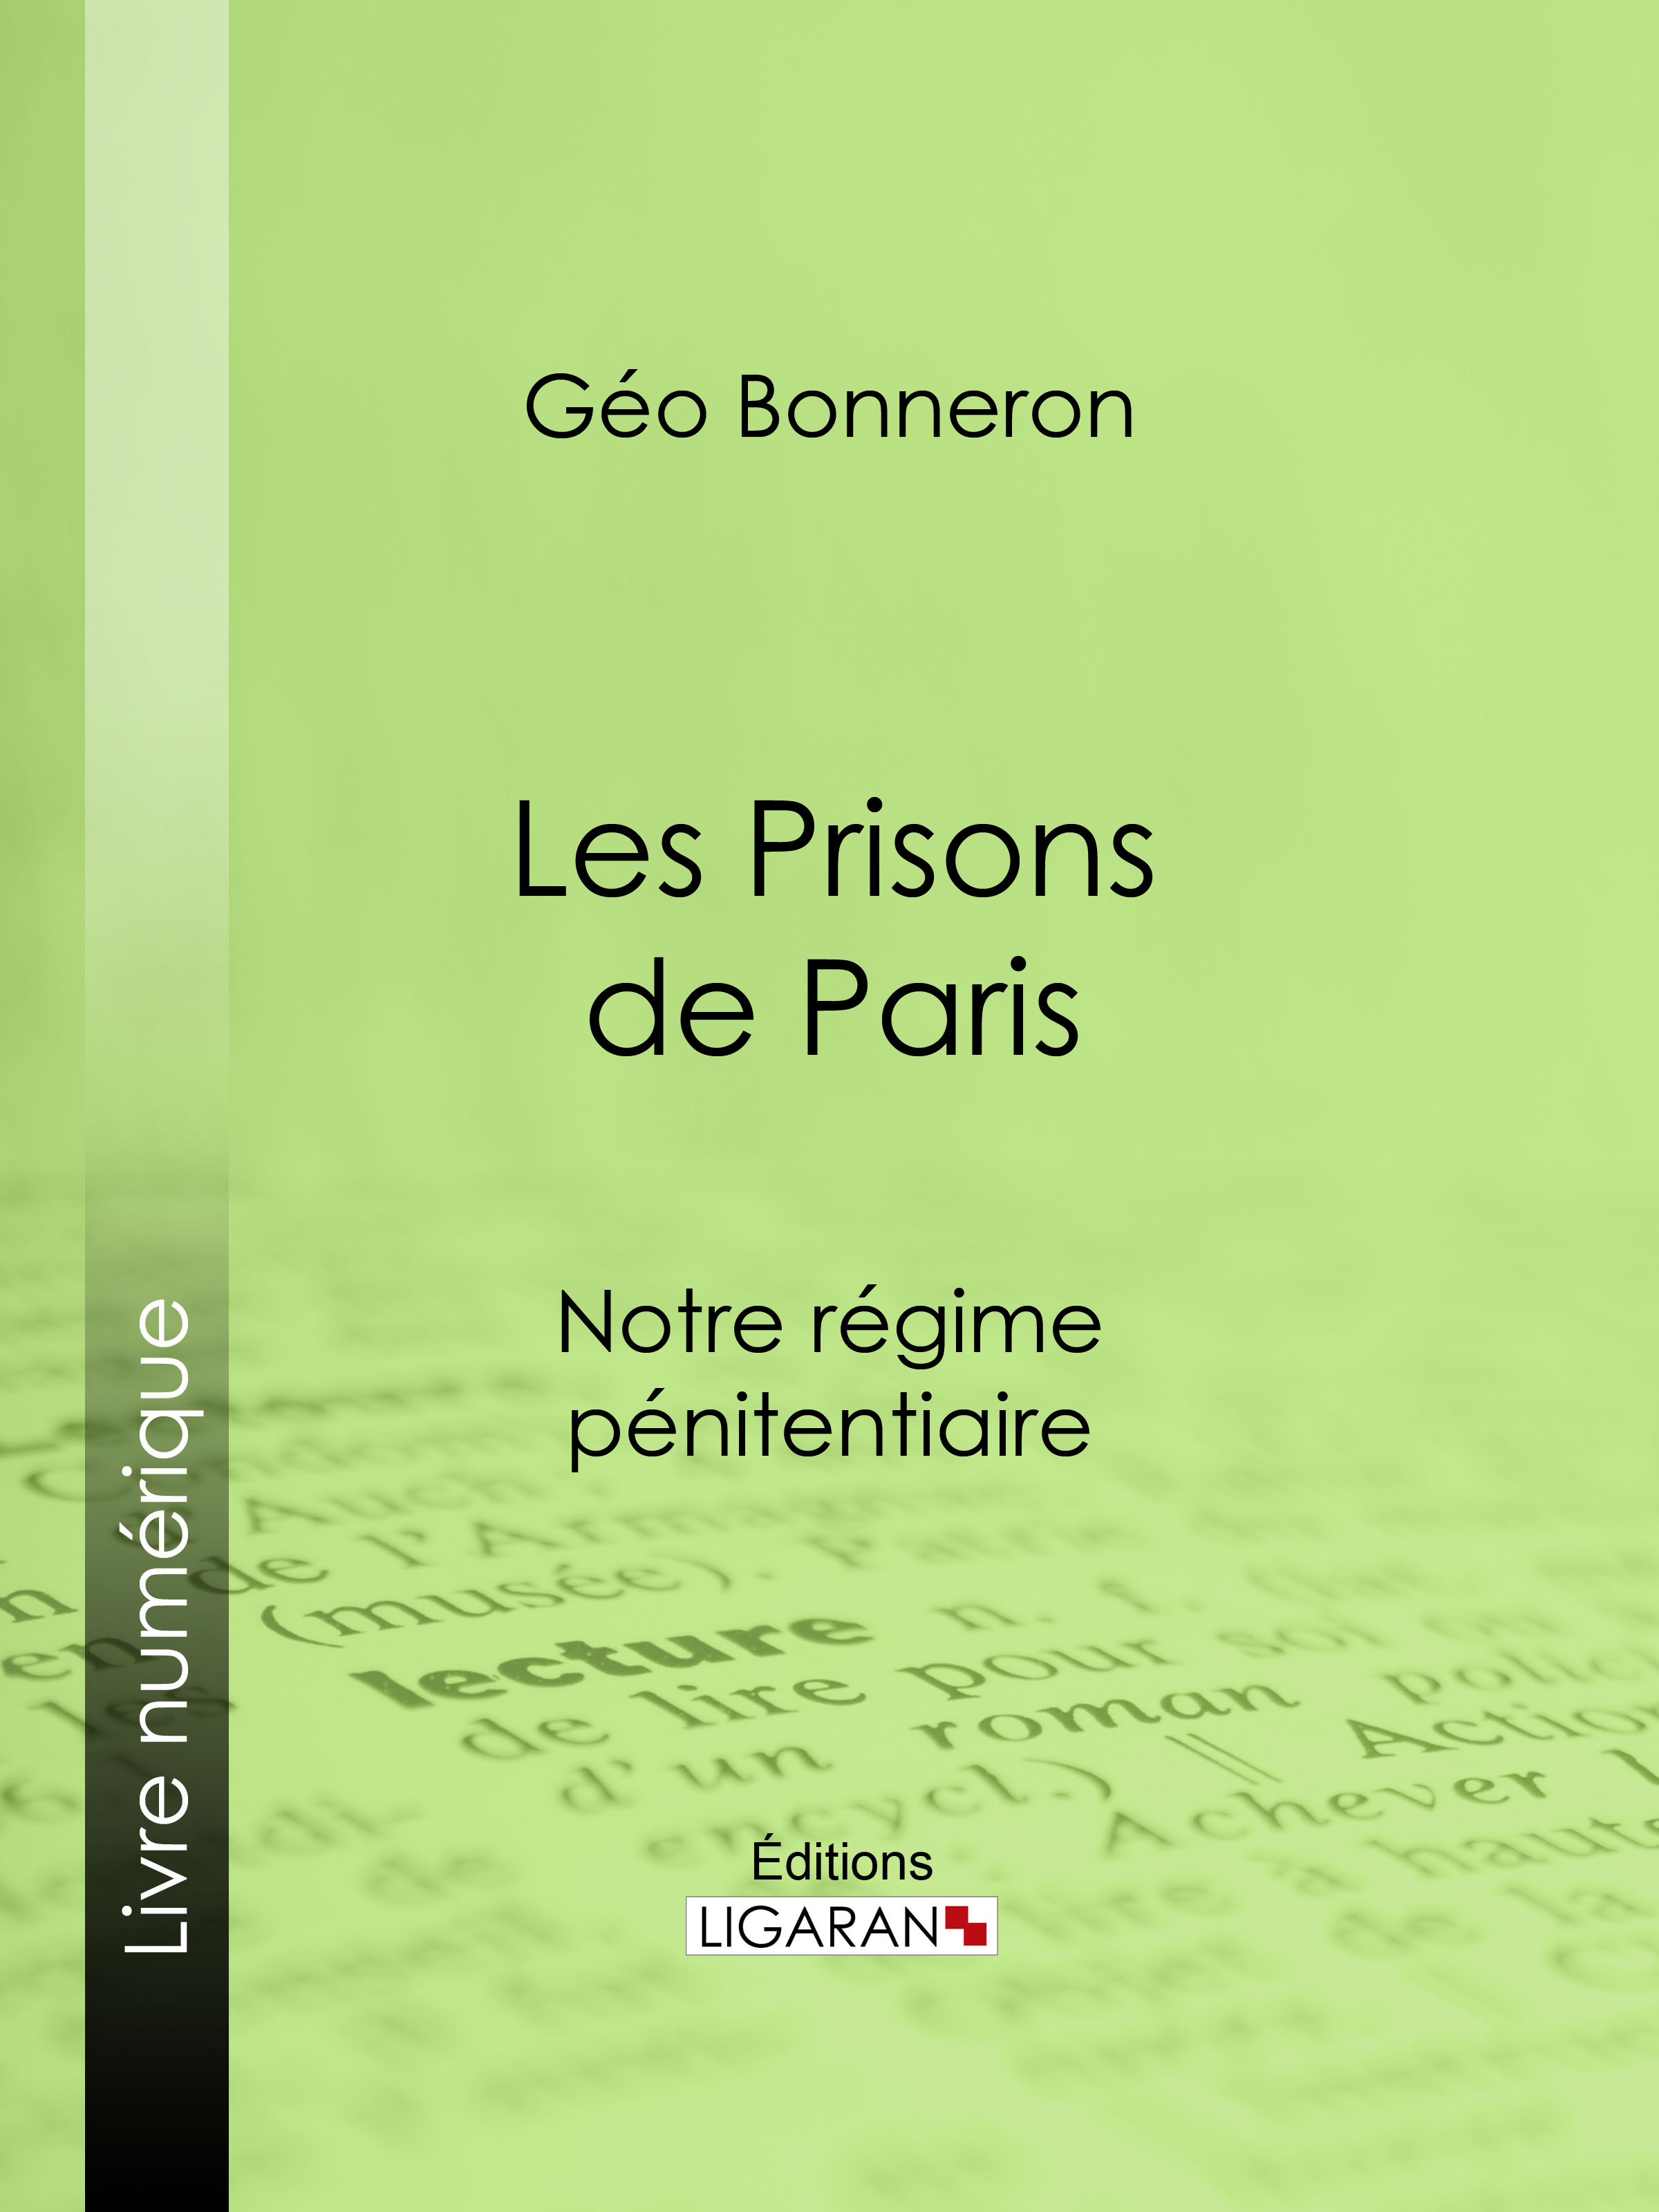 Les Prisons de Paris